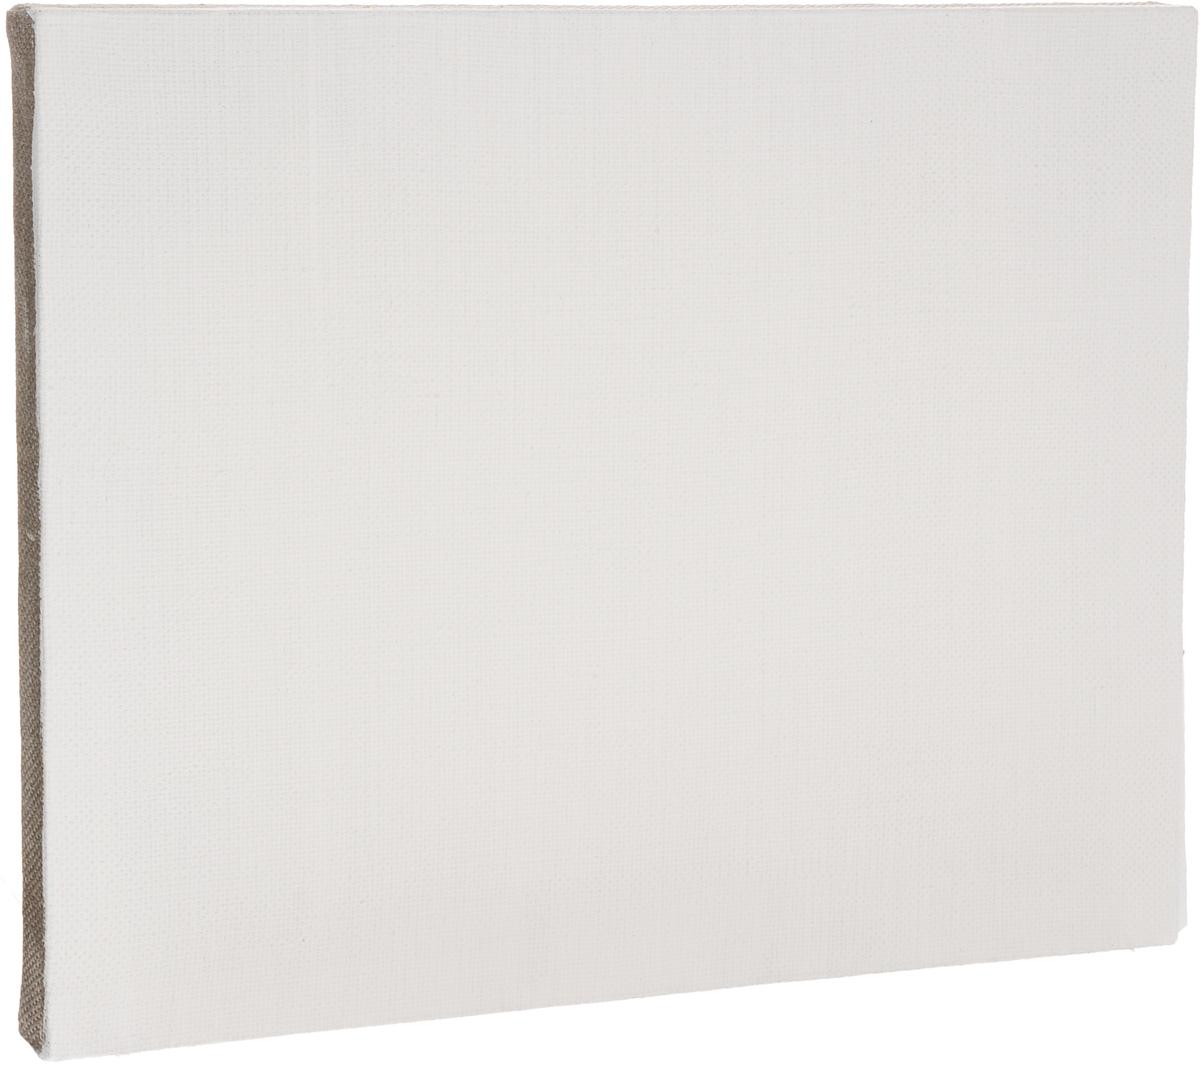 Холст ArtQuaDram Репинский на подрамнике, грунтованный, 35 х 45 смТ0003916Холст на деревянном подрамнике ArtQuaDram Репинский изготовлен из 100% натурального льна. Подходит для профессионалов и художников. Холст не трескается, не впитывает слишком много краски, цвет краски и качество не изменяются. Холст идеально подходит для масляной и акриловой живописи.